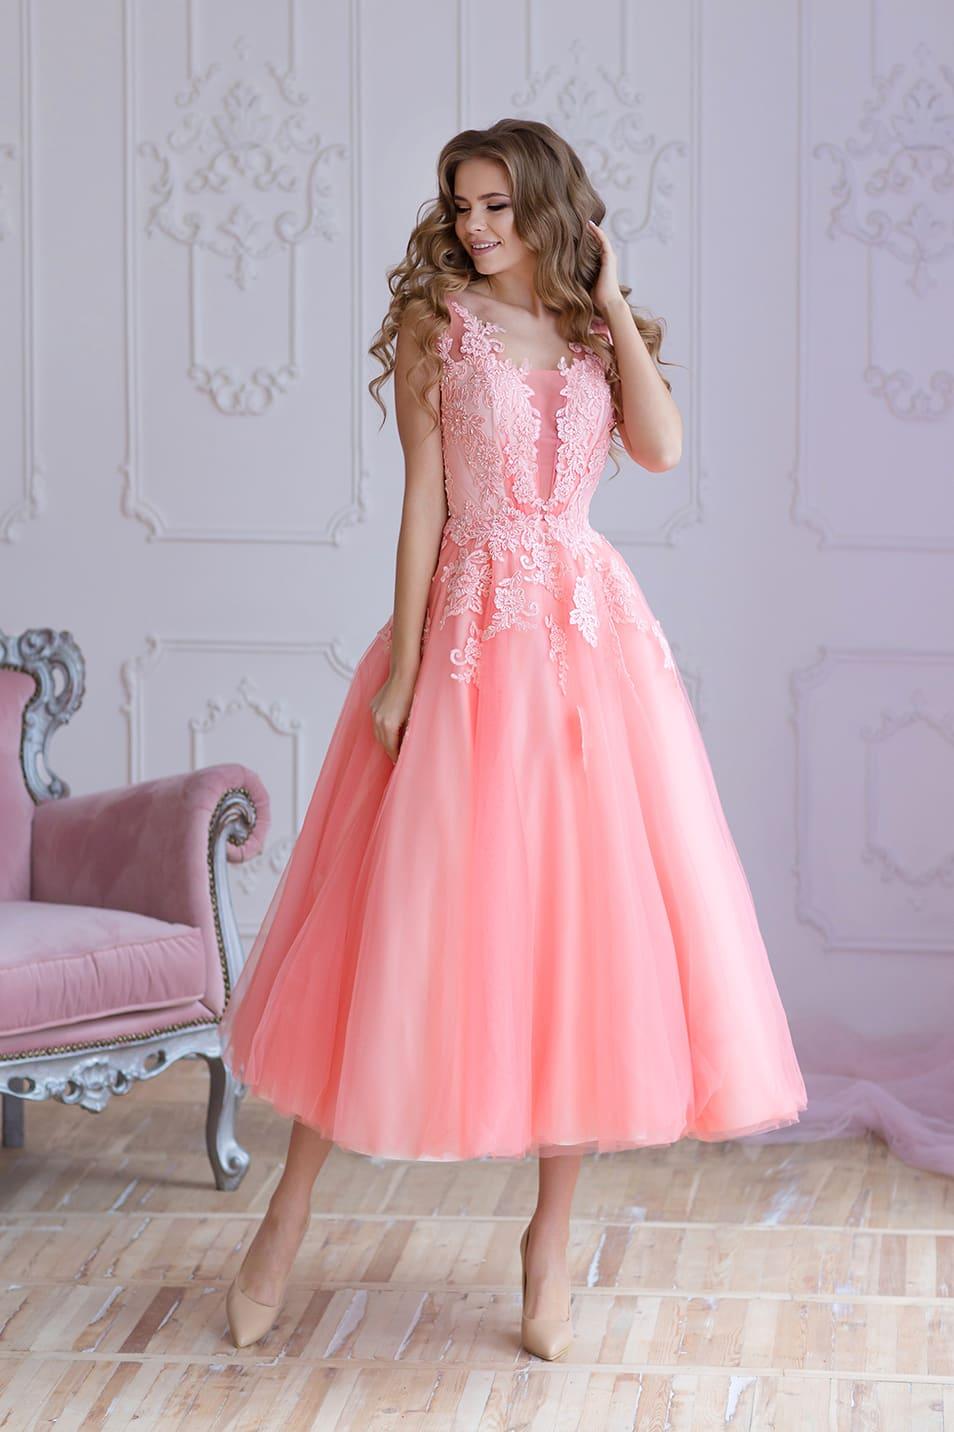 675ae07d6e7 Платье на выпускной розового цвета Valentina Gladun Brian розовое ...